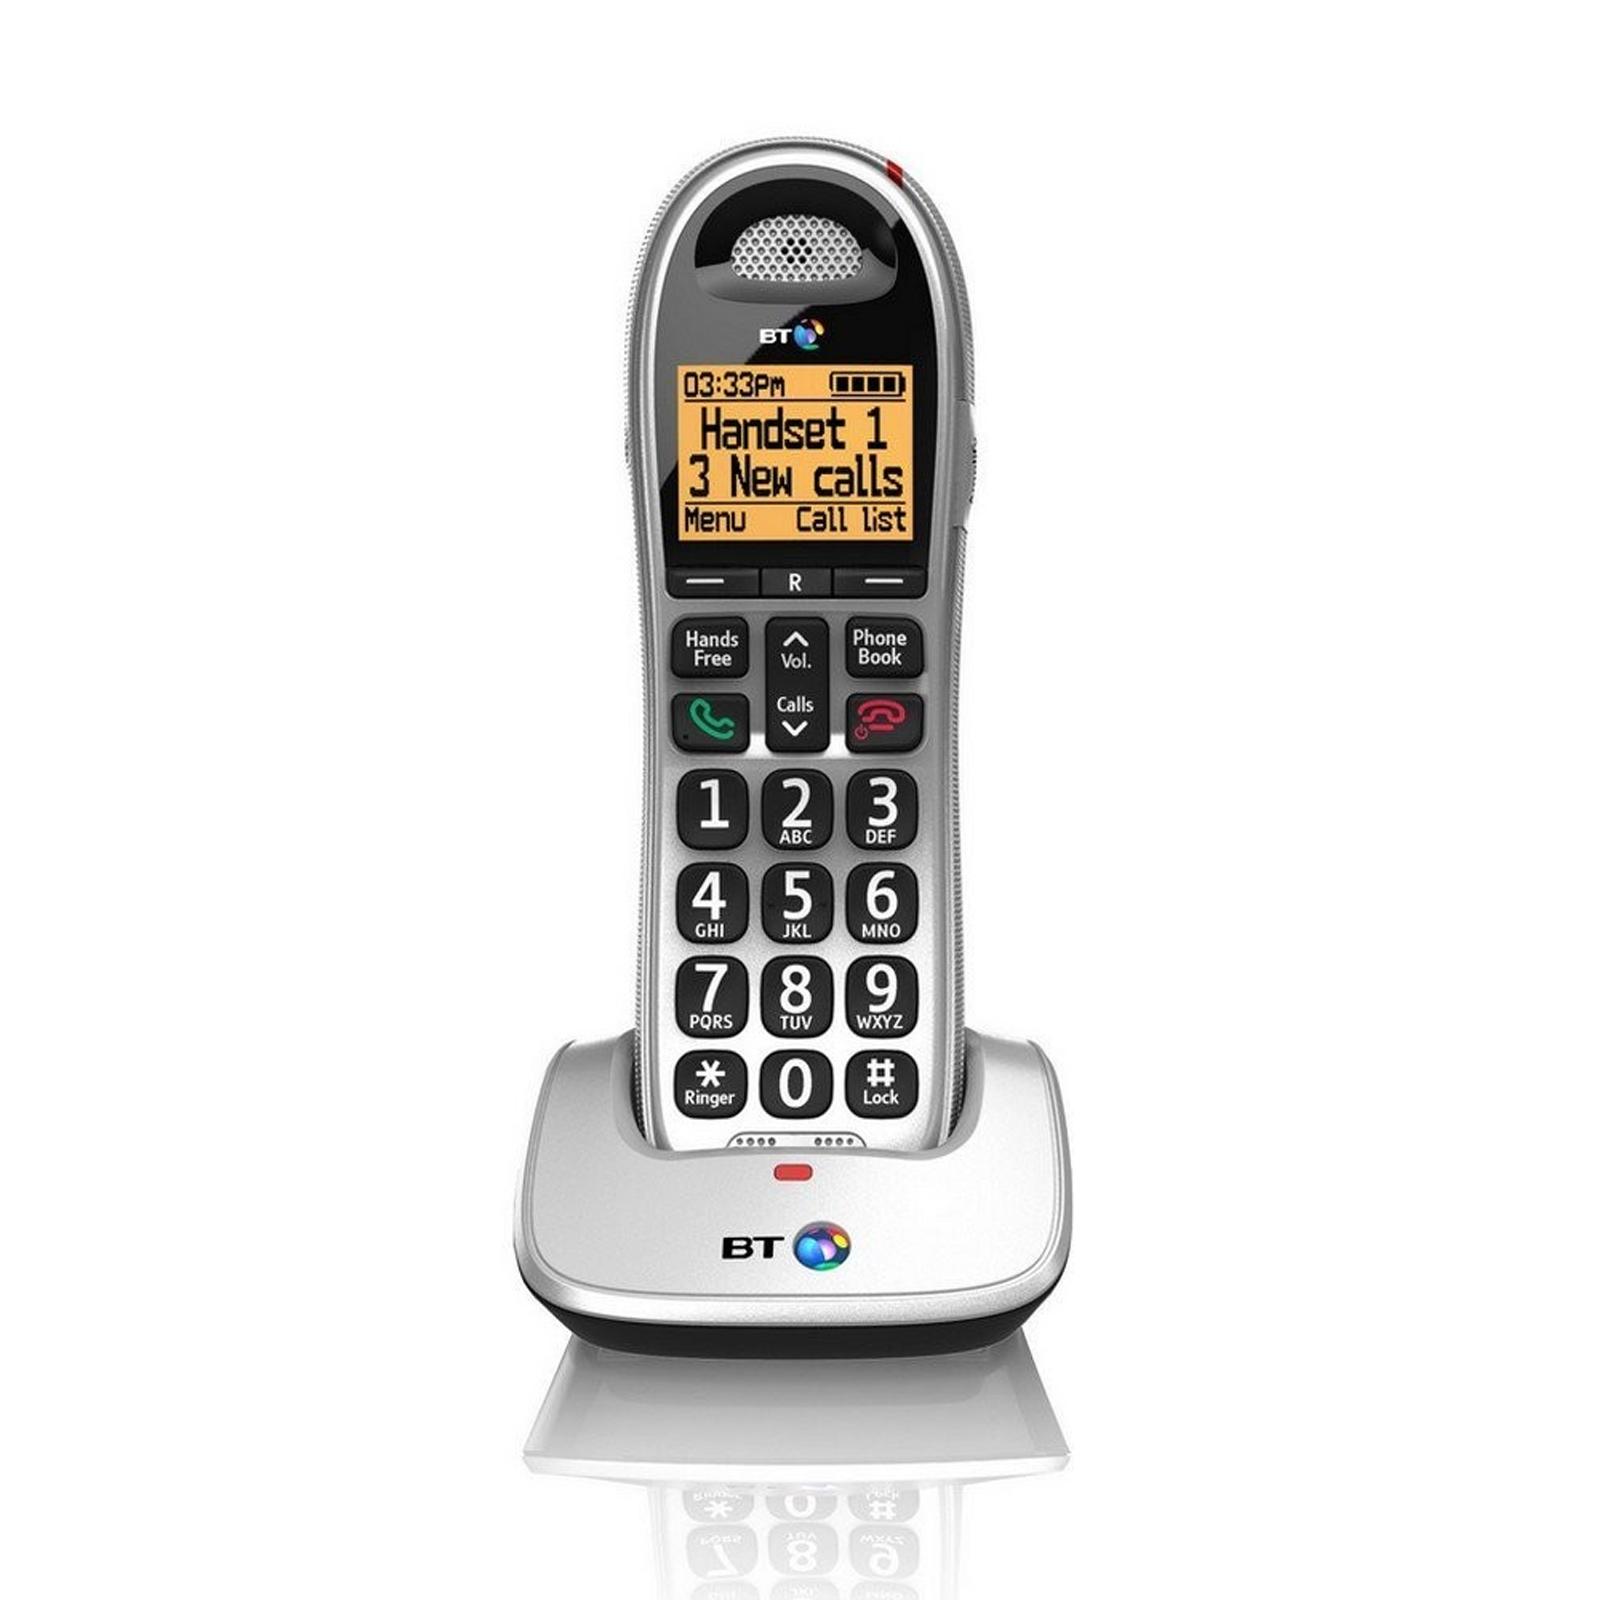 Image of BT 4600 Additional Handset